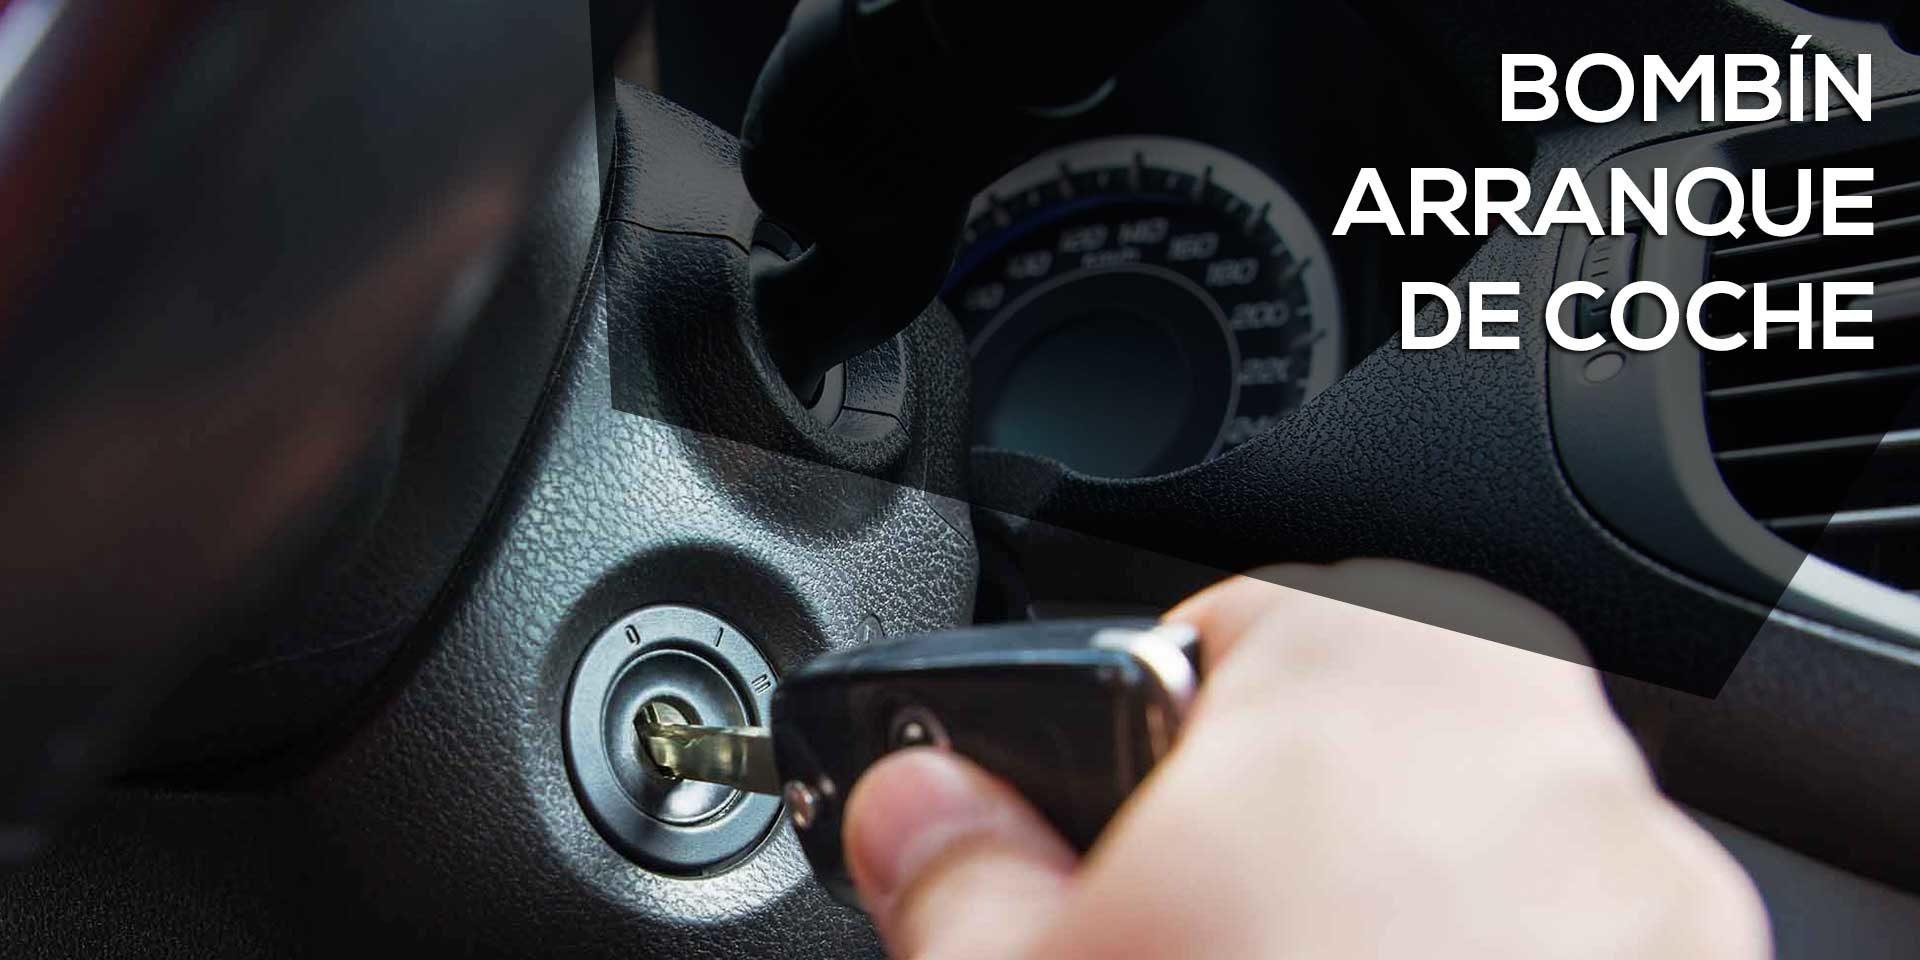 gran venta muy baratas ofertas exclusivas Bombín arranque de coche - Top Llaves Blog